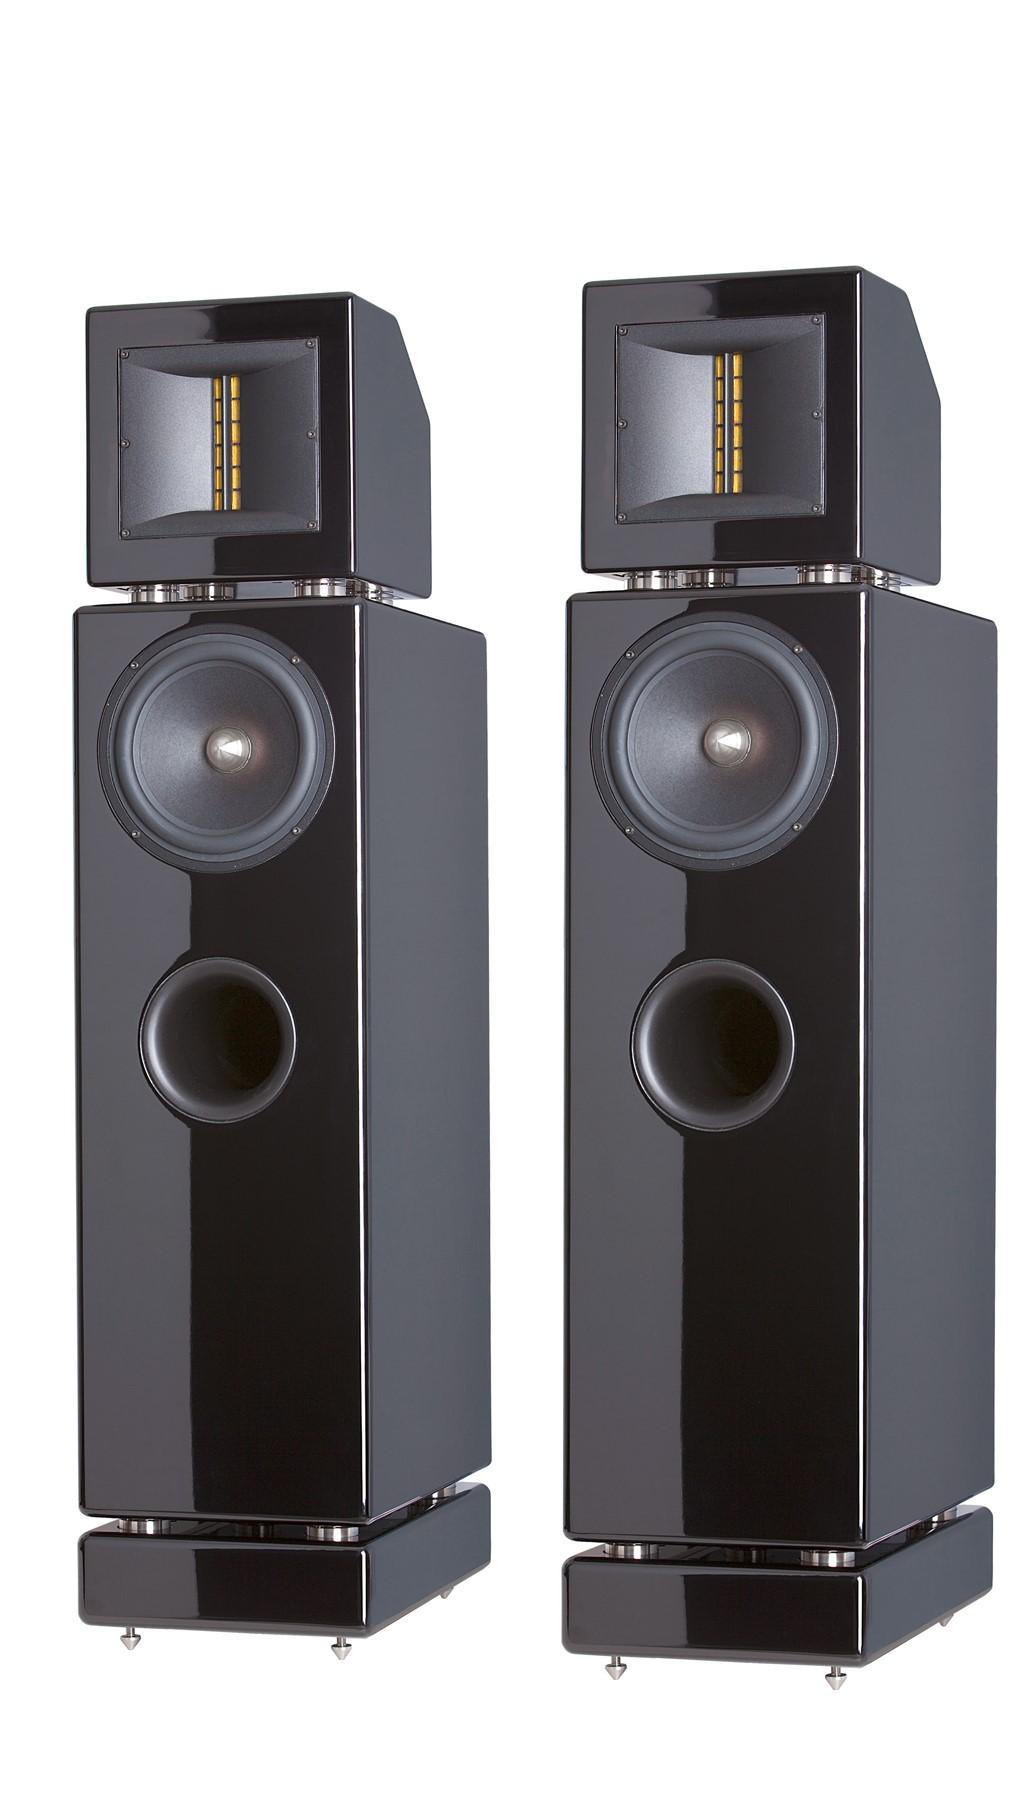 Ascendo Z5 High-End Hangfal - Professional Audio